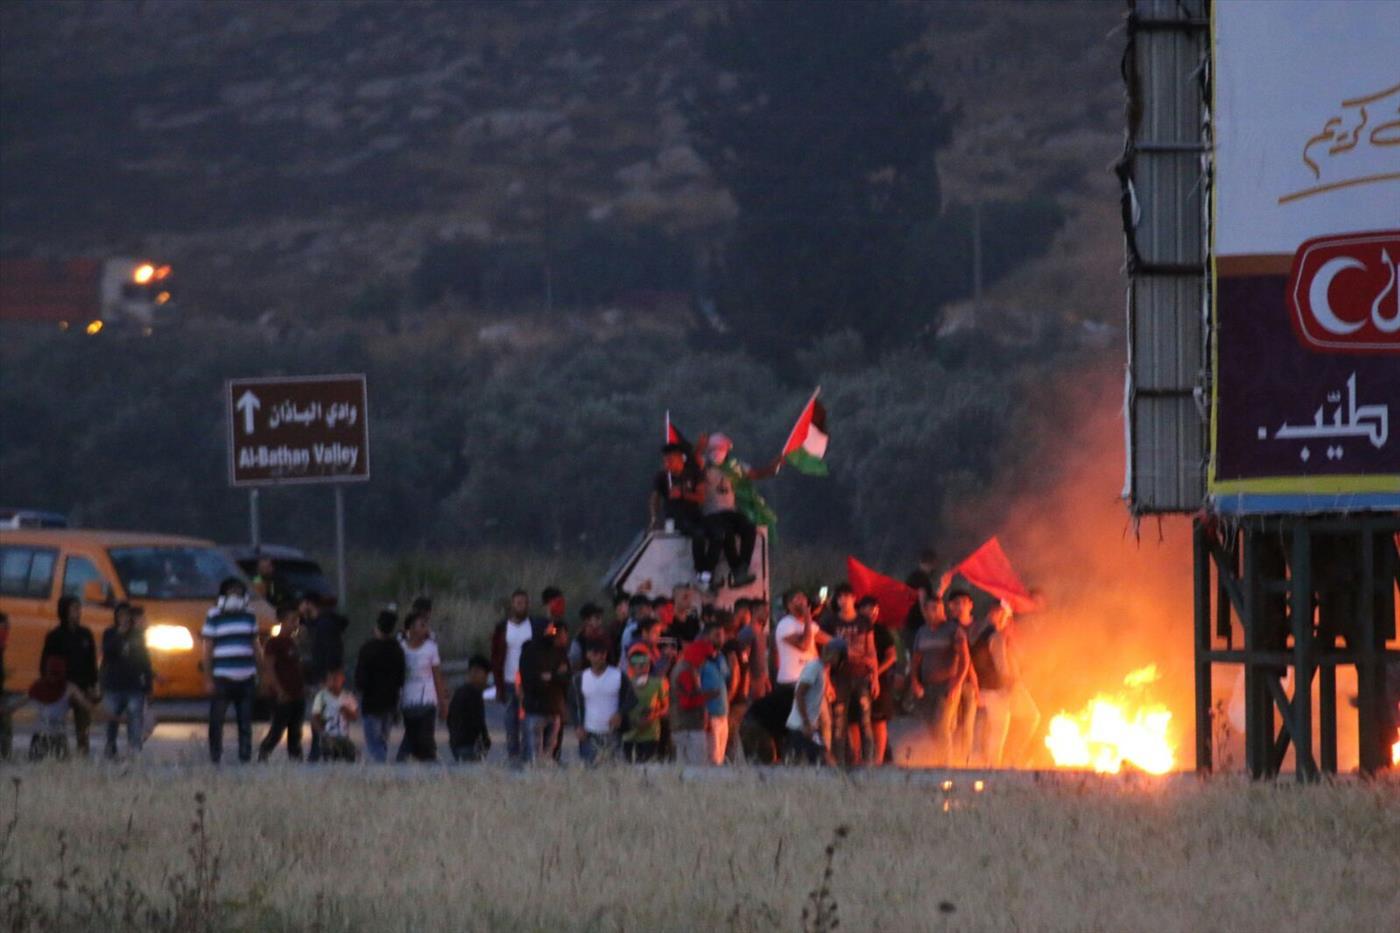 התפרעויות ערבים אמש בכניסה לשכם (עוצמה יהודית)